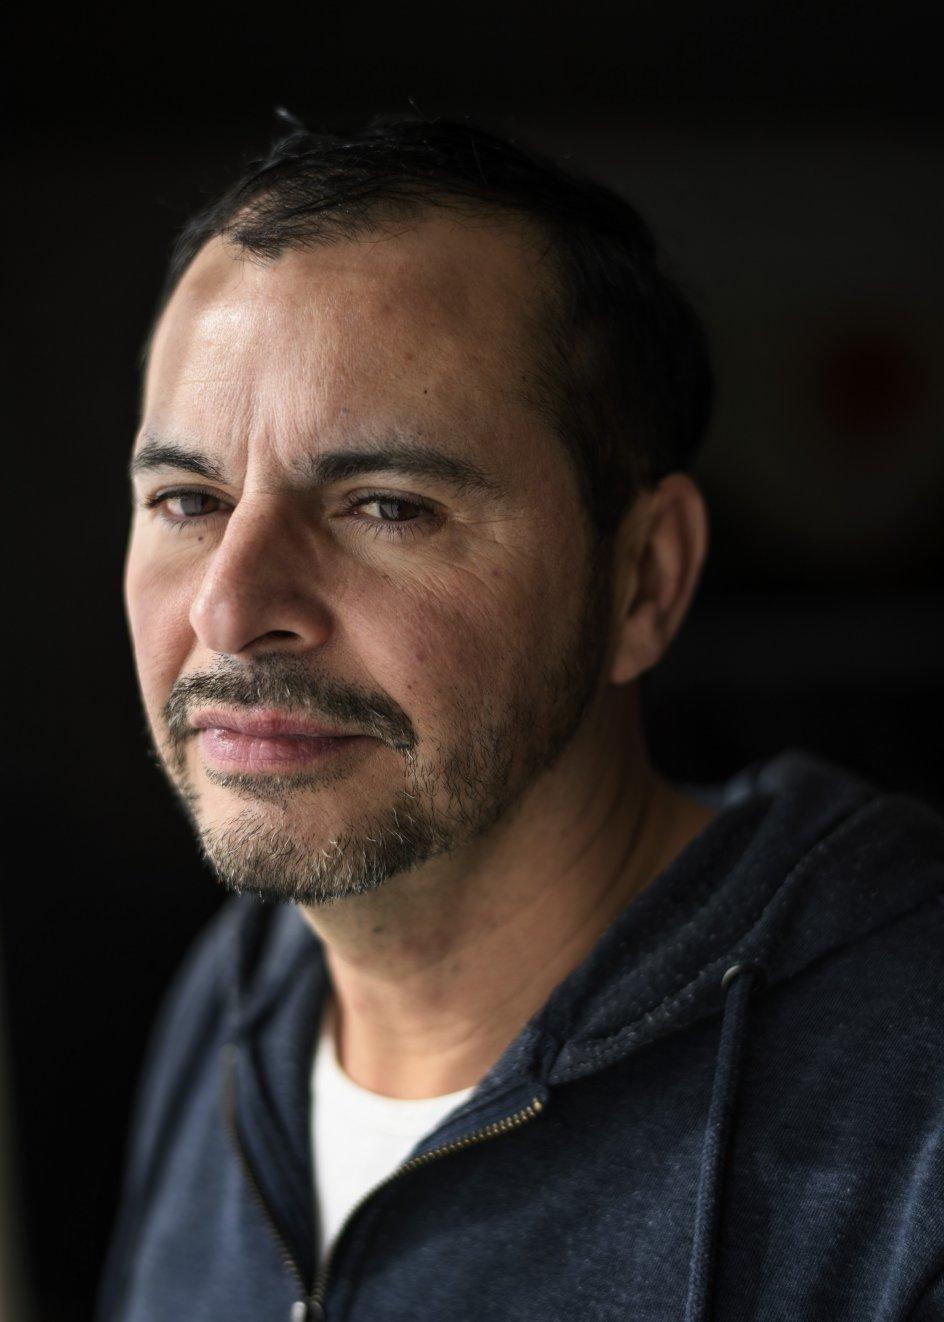 Luis Vad-Nielsen blev ifølge sine adoptionspapirer født den 4. september 1973 og hed dengang Luis Mamerto Olguin Cubillos. Han er i dag fraskilt og har en søn.